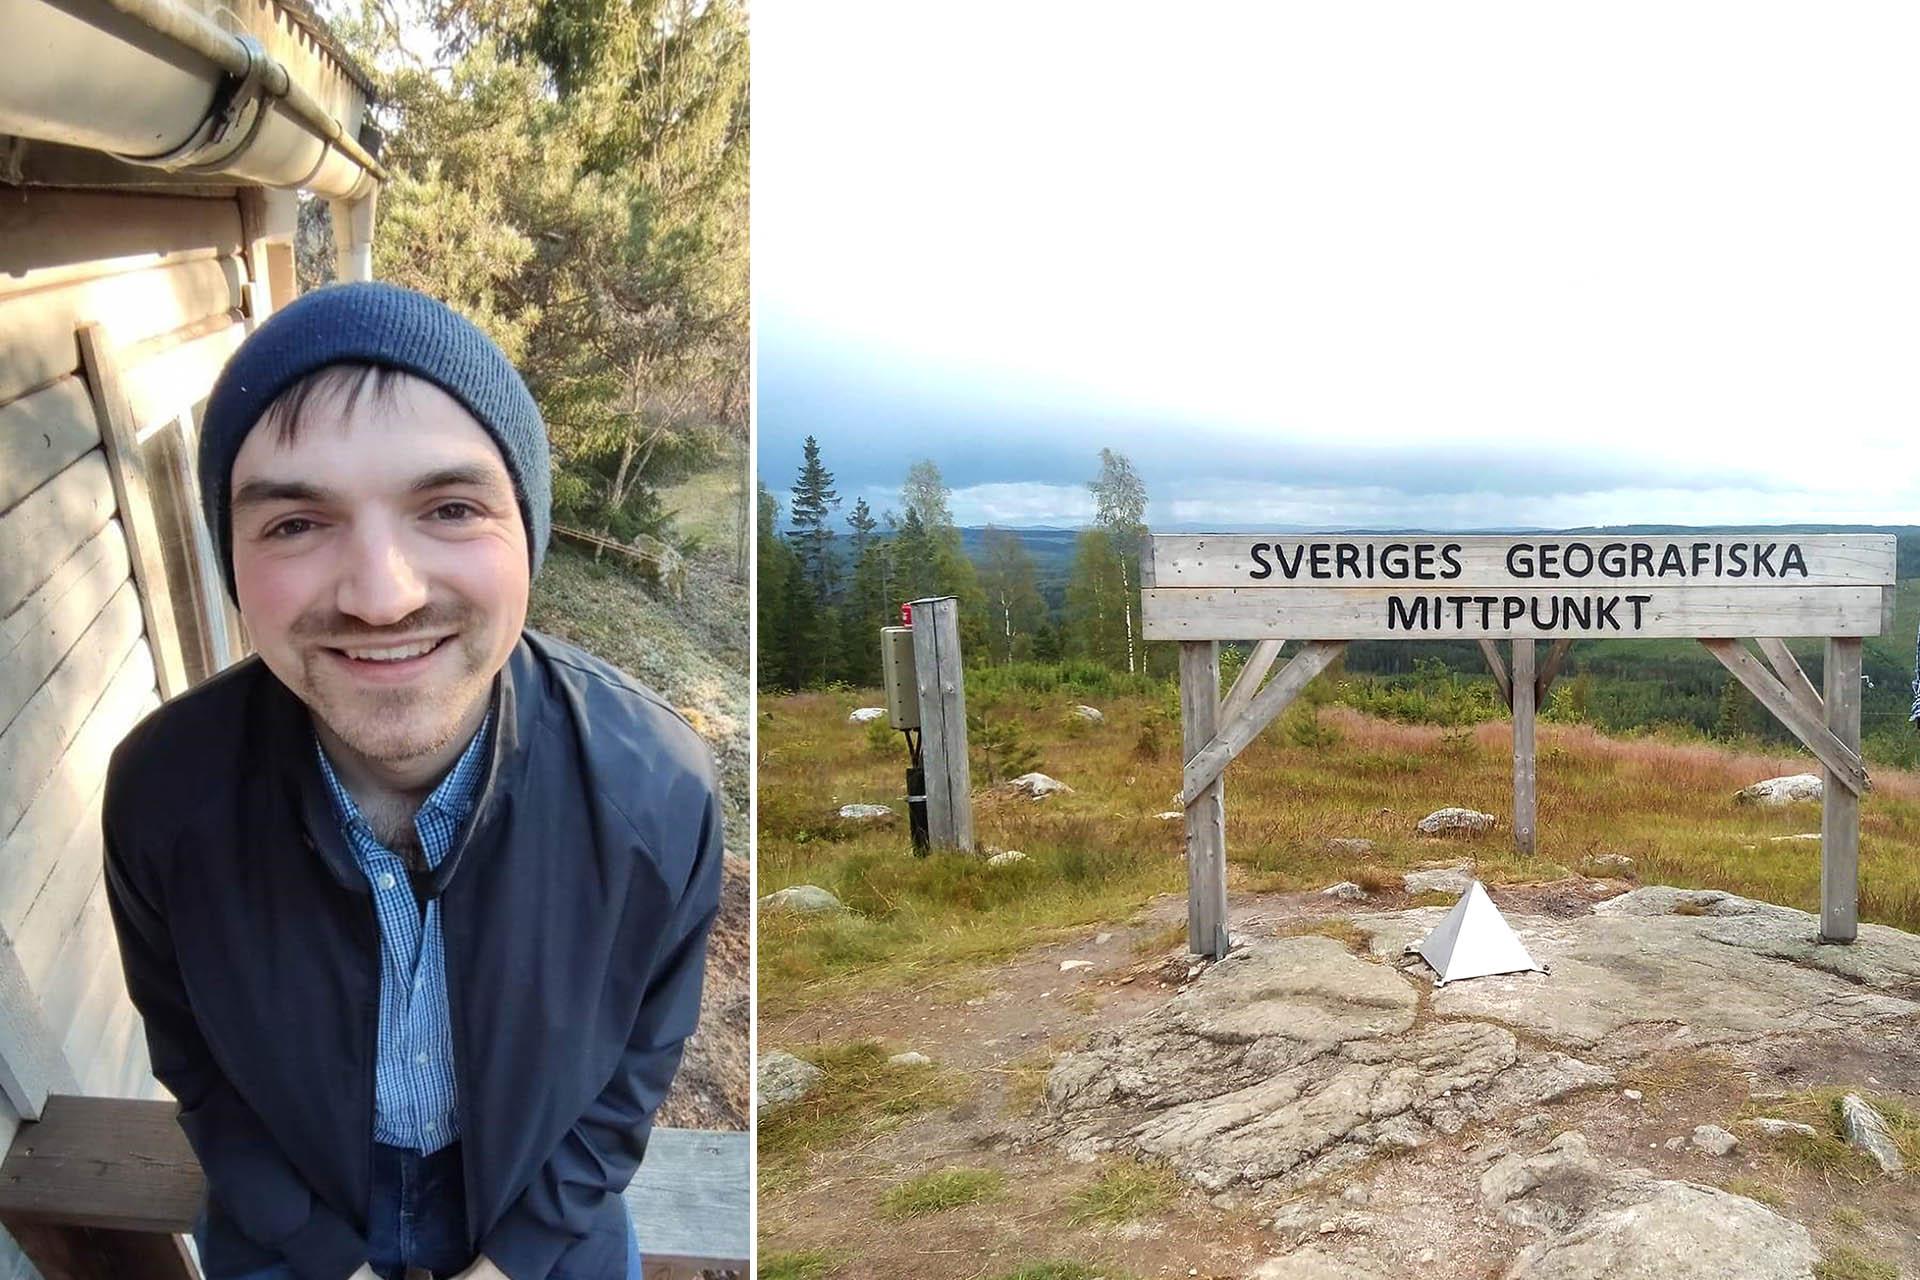 Jake Bull har hittat lugnet i den svenska naturen. Trots att hemlängtan till Nottingham ibland är stor, på grund av pandemin, har han inga planer på att lämna Sverige. Han jobbar som fältbiolog och studerar ryggradsdjur på Uppsala universitet.